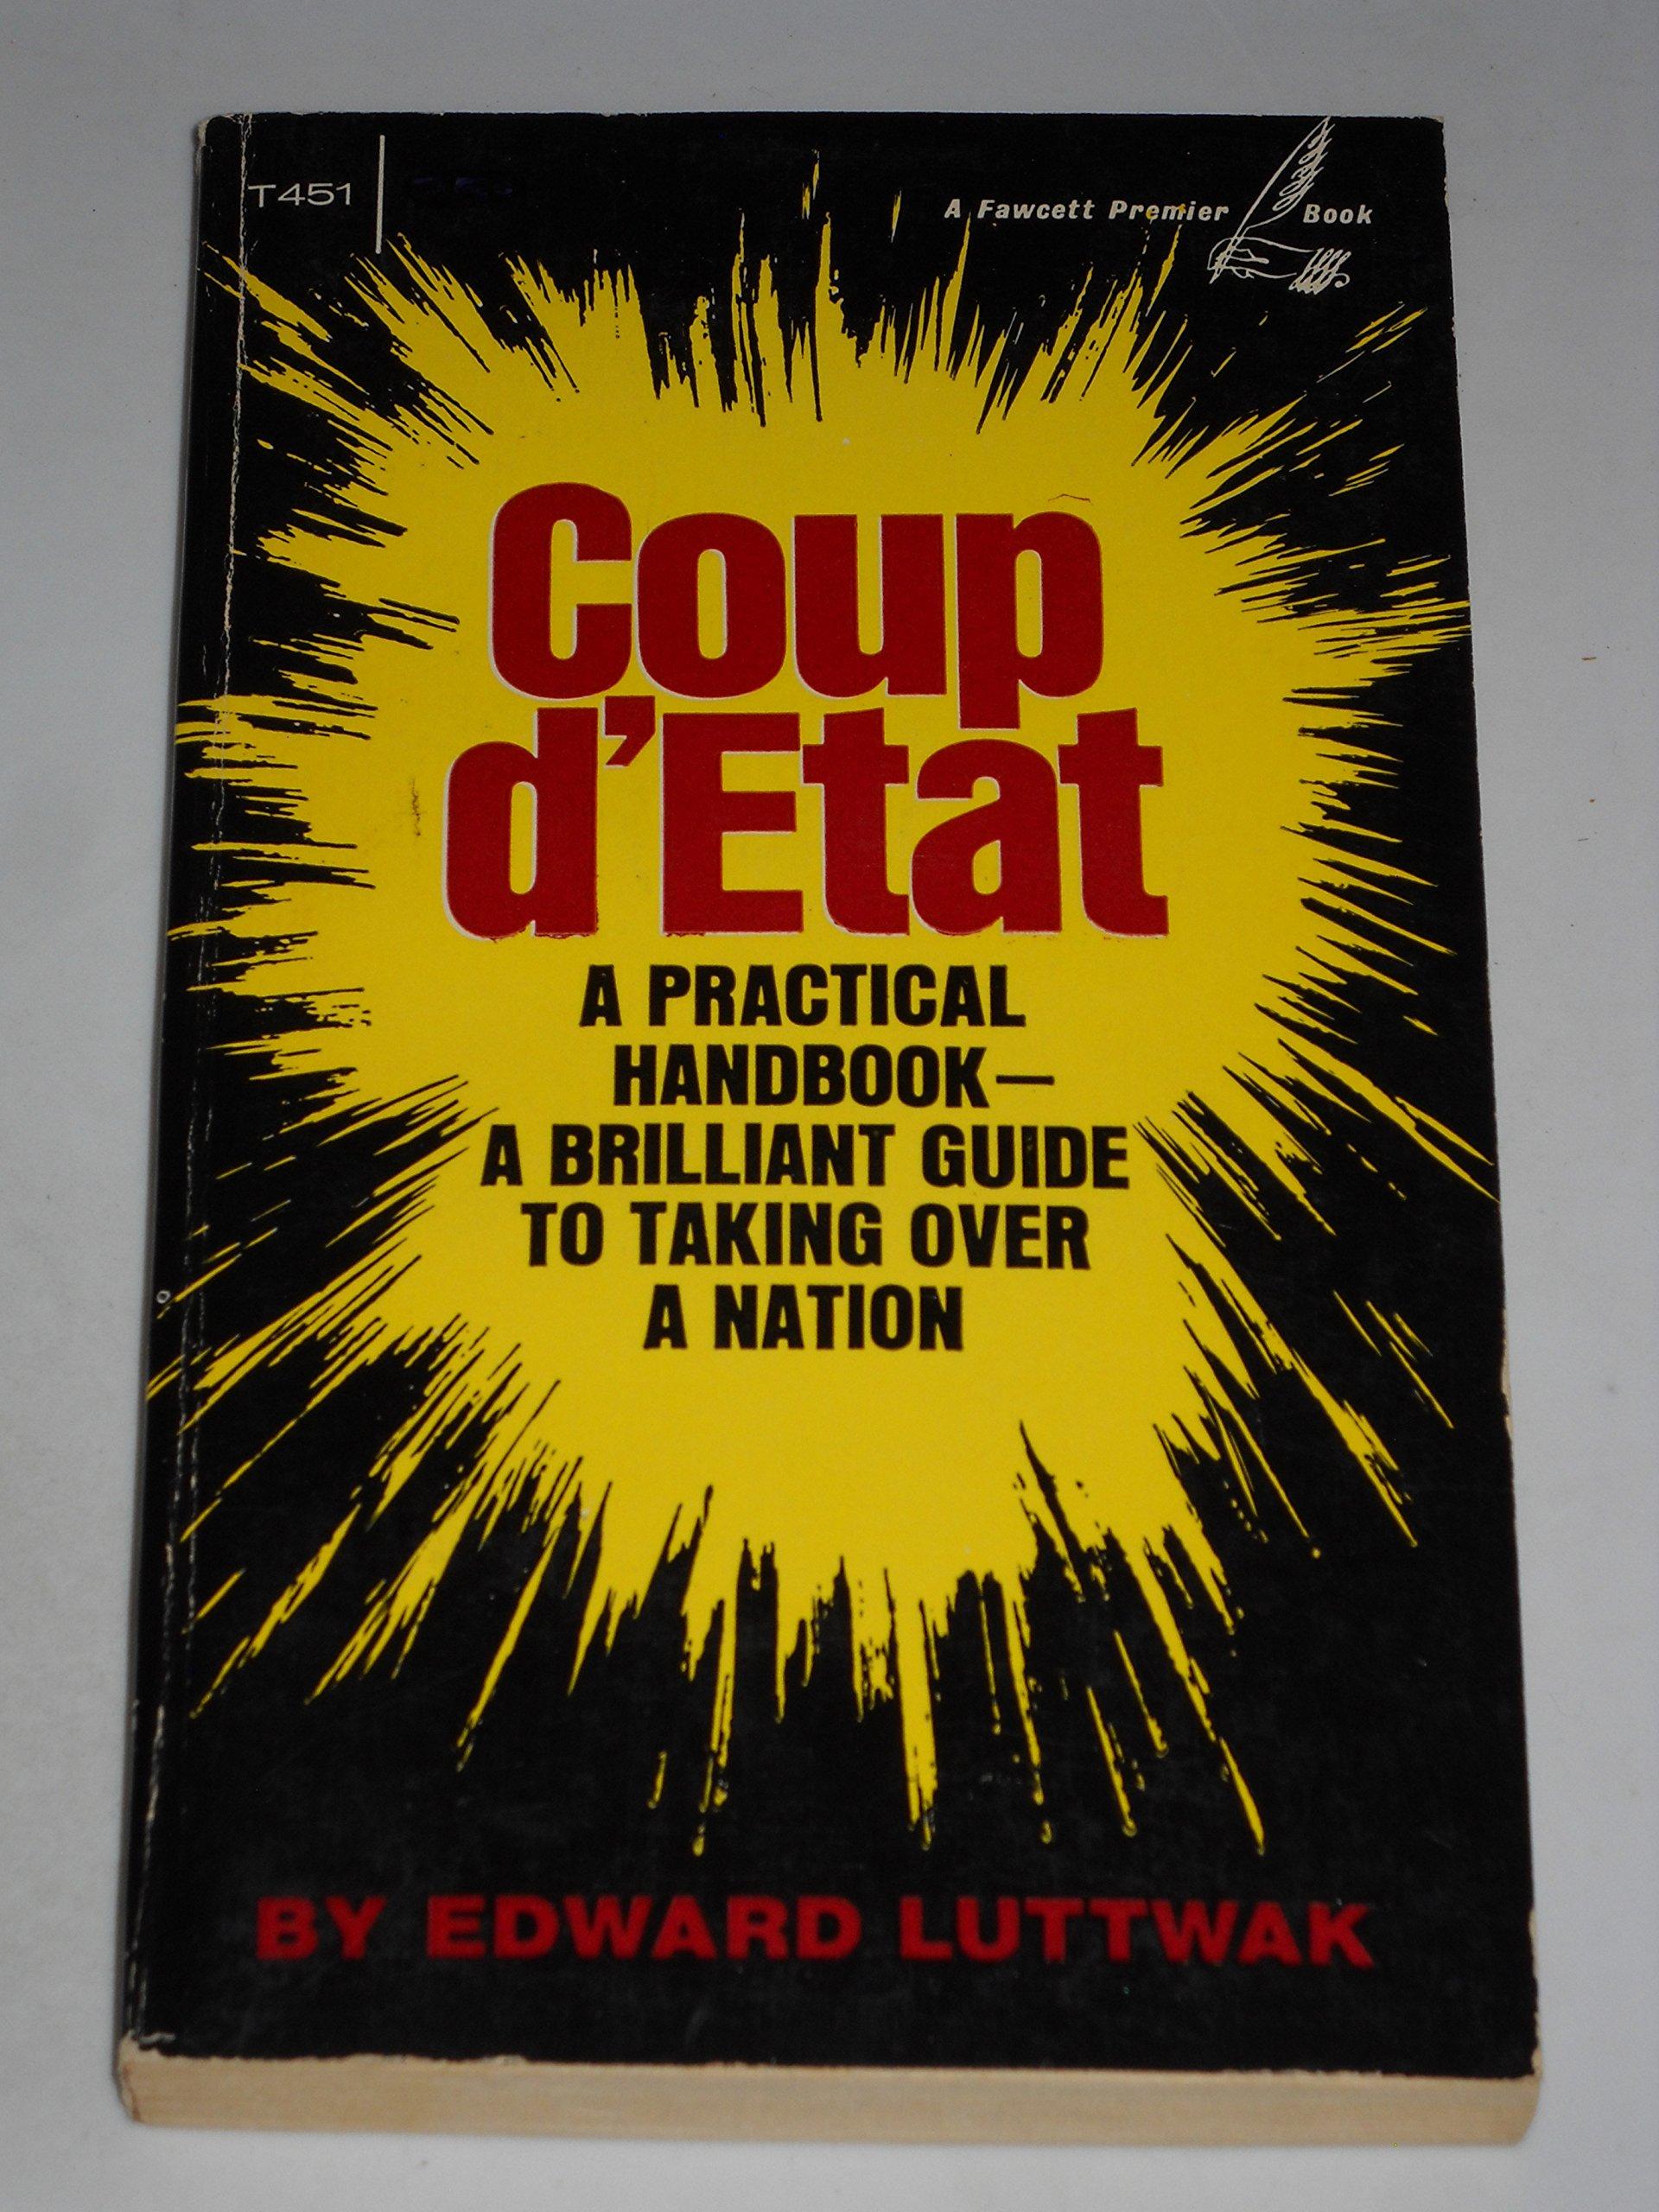 EDWARD LUTTWAK COUP DETAT PDF DOWNLOAD